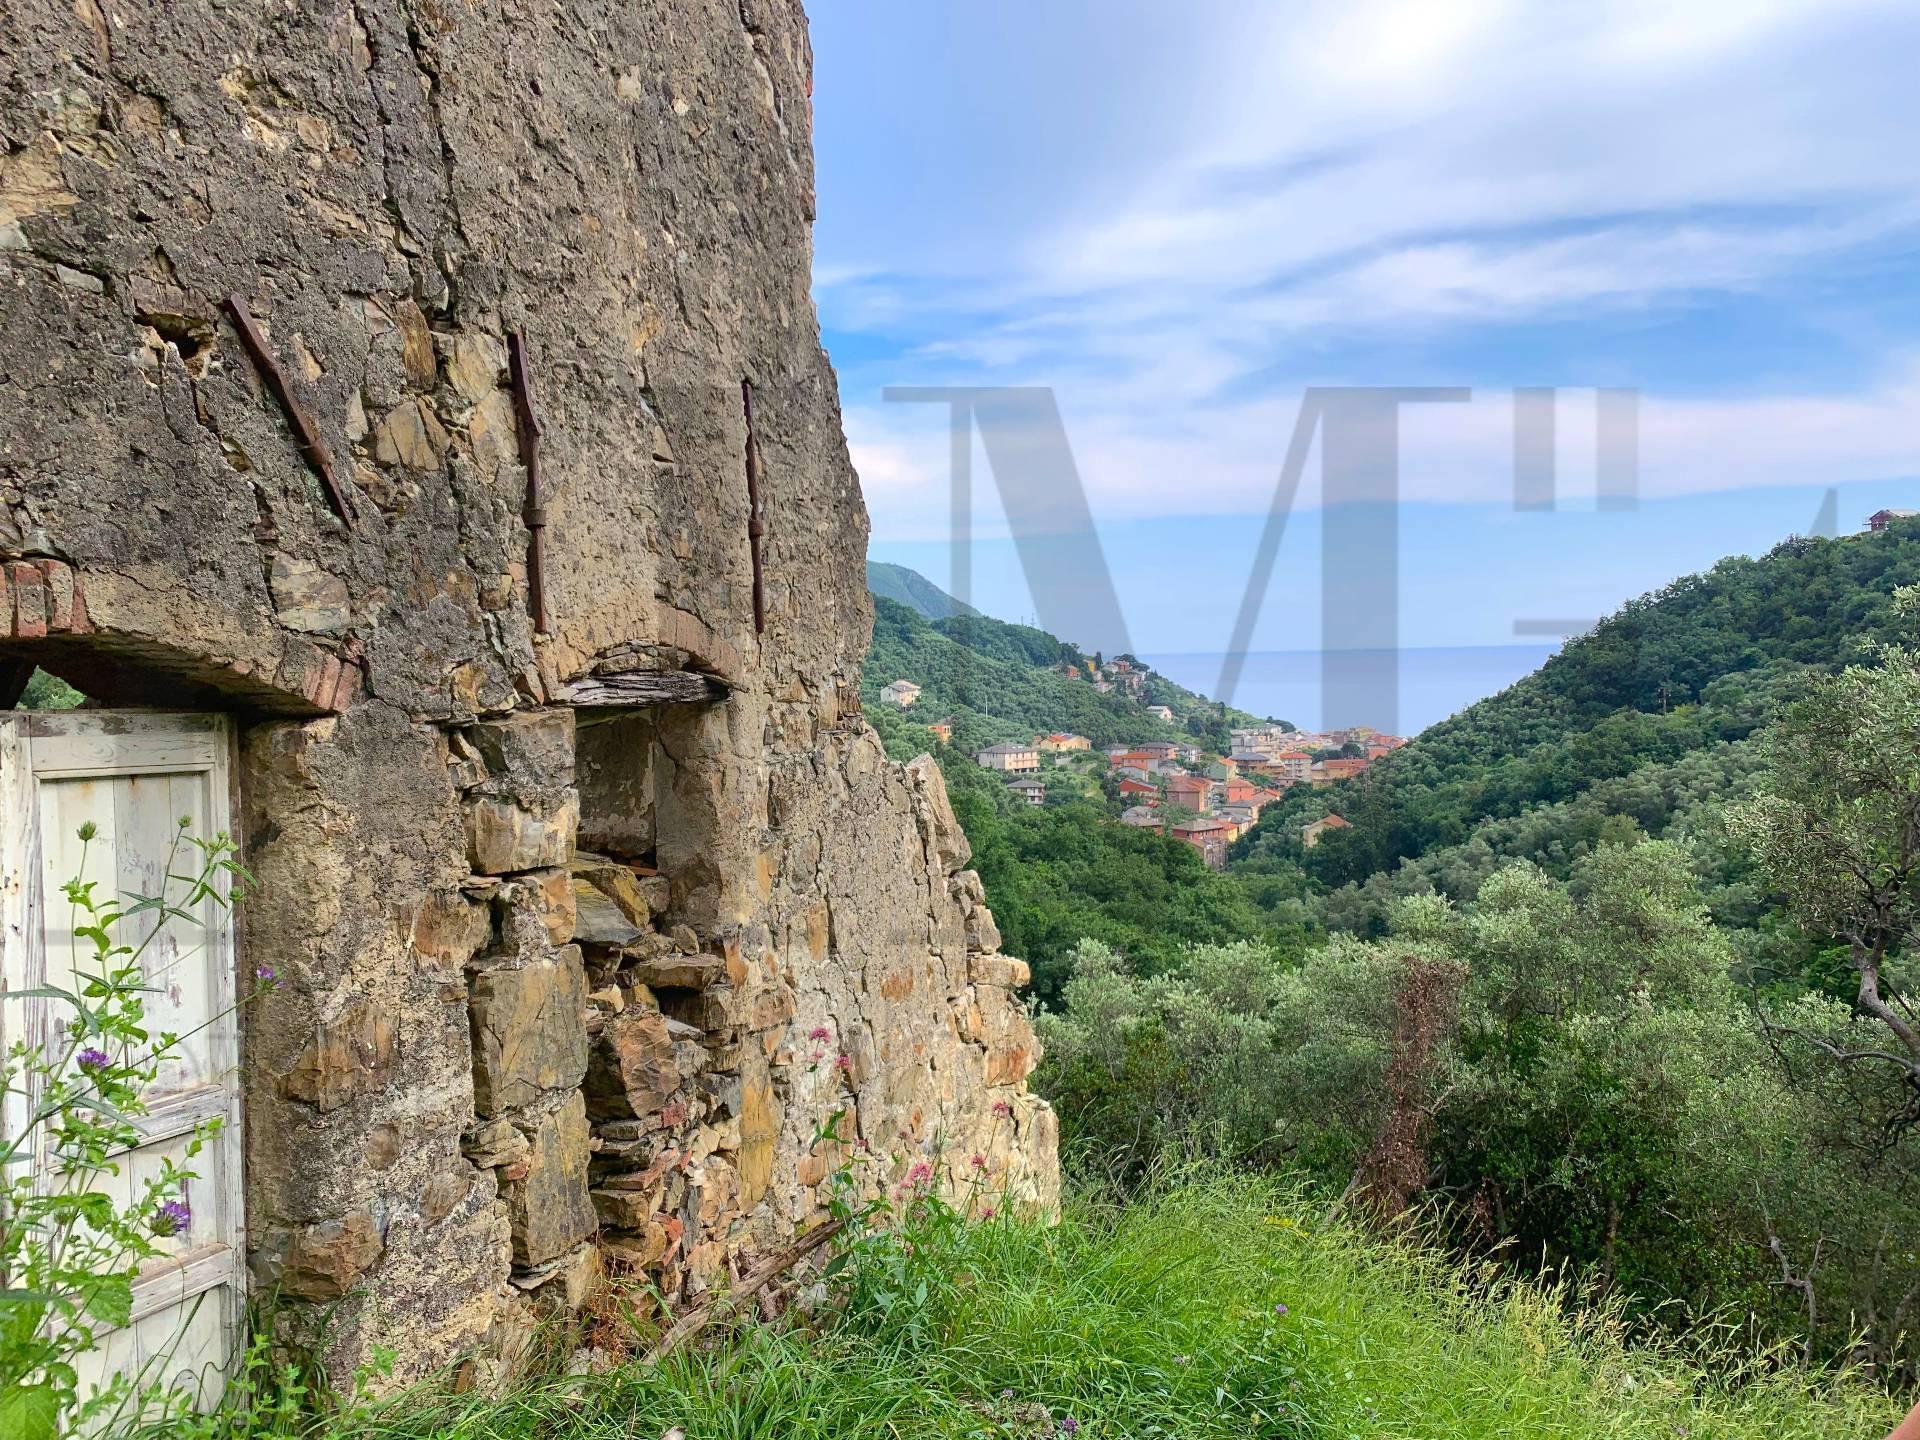 Terreno Agricolo in vendita a Moneglia, 9999 locali, prezzo € 125.000 | PortaleAgenzieImmobiliari.it